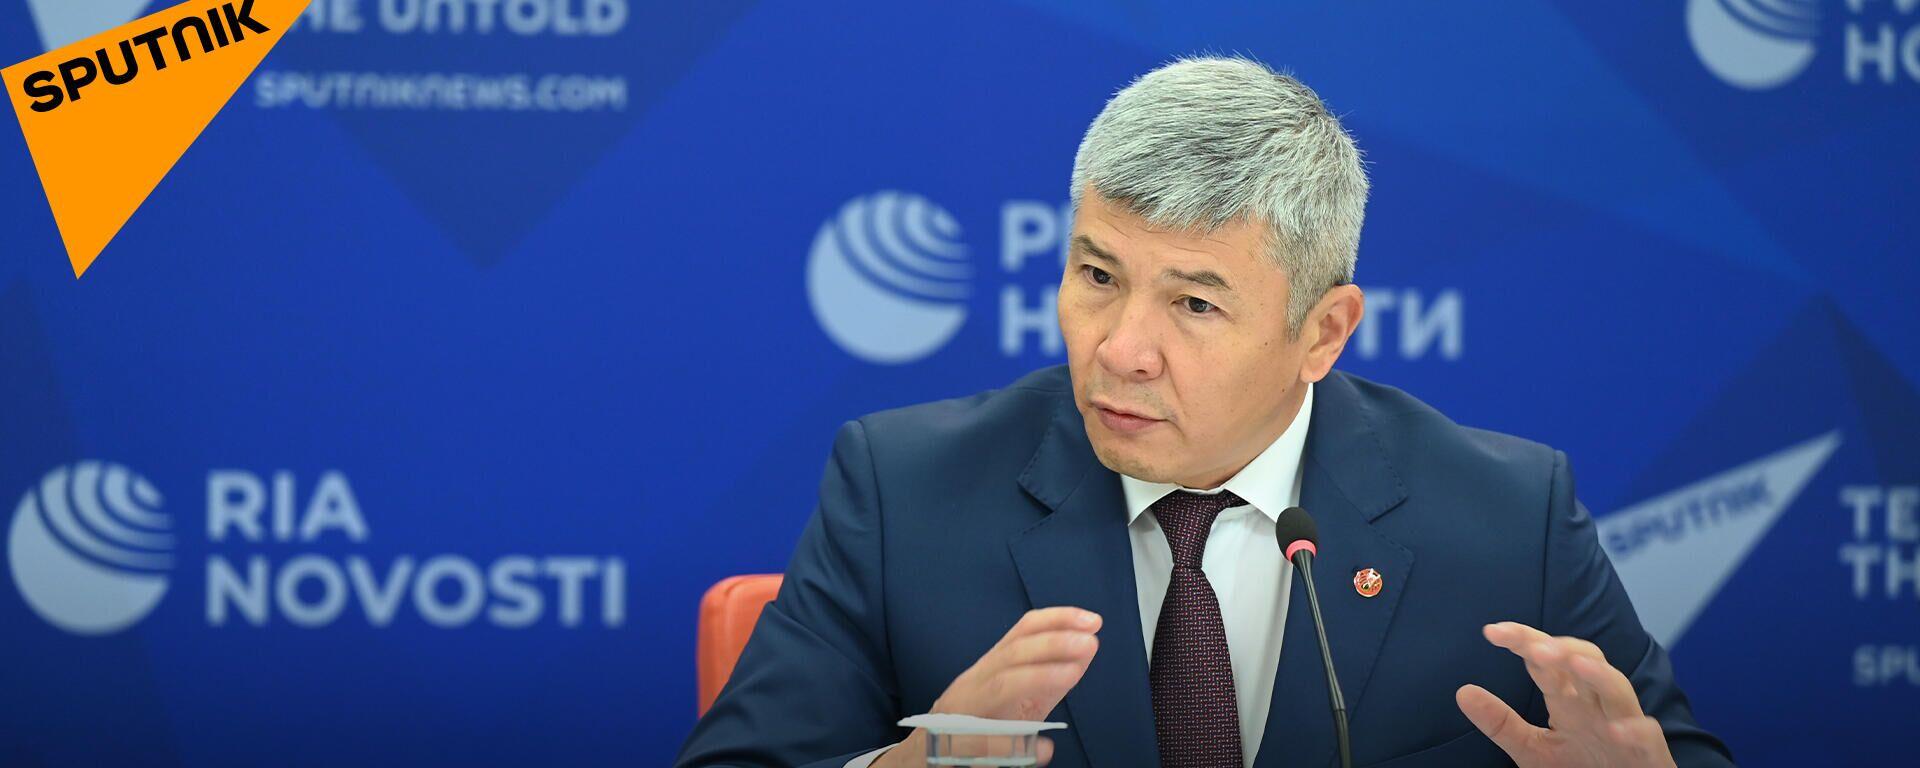 Министр ЕЭК Мансат Мамытканов - Sputnik Узбекистан, 1920, 23.07.2021